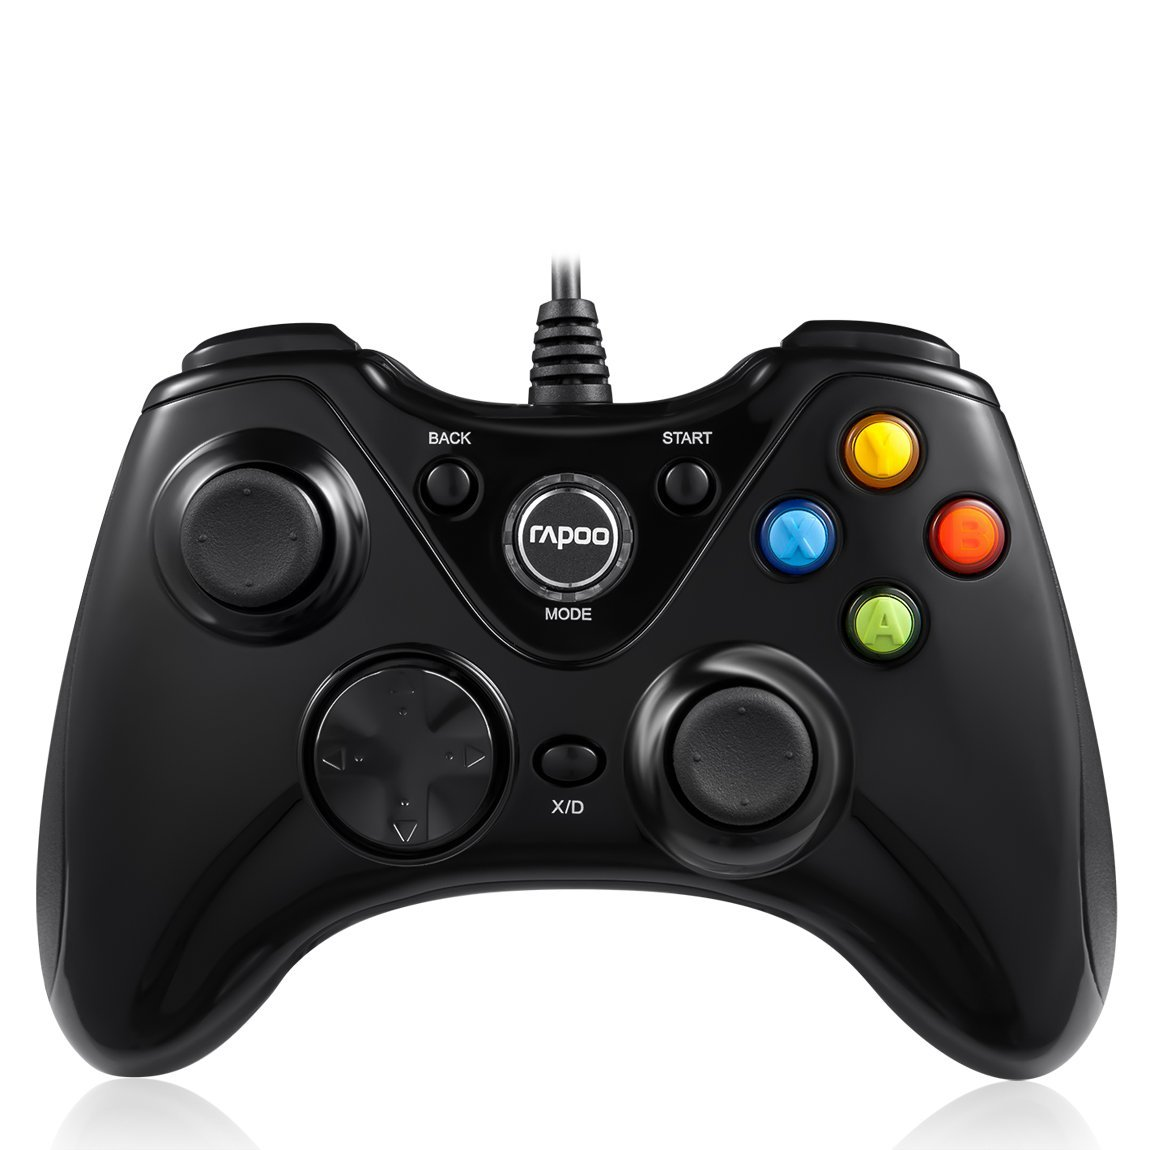 จอย Rapoo - V600 (ดำ) ใช้งานได้แบบ Xbox 360